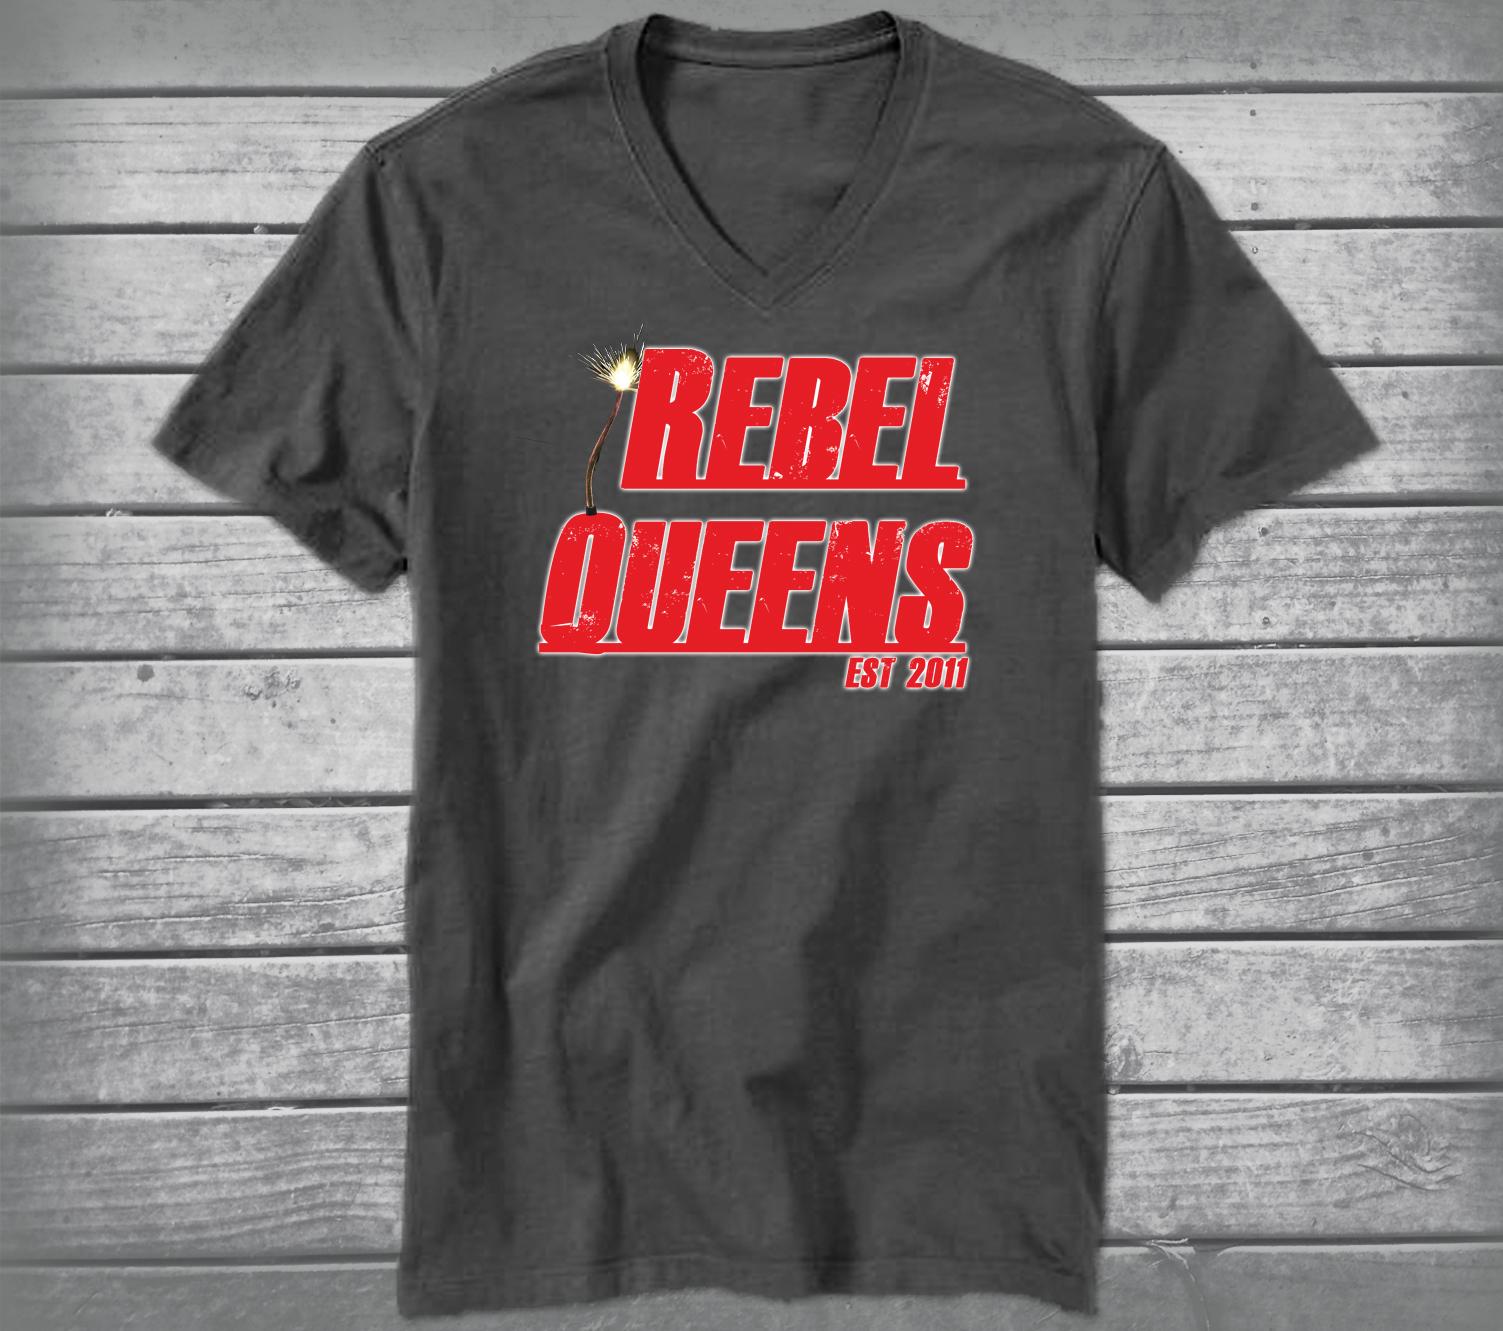 RebelQueens_TeeShirt.jpg